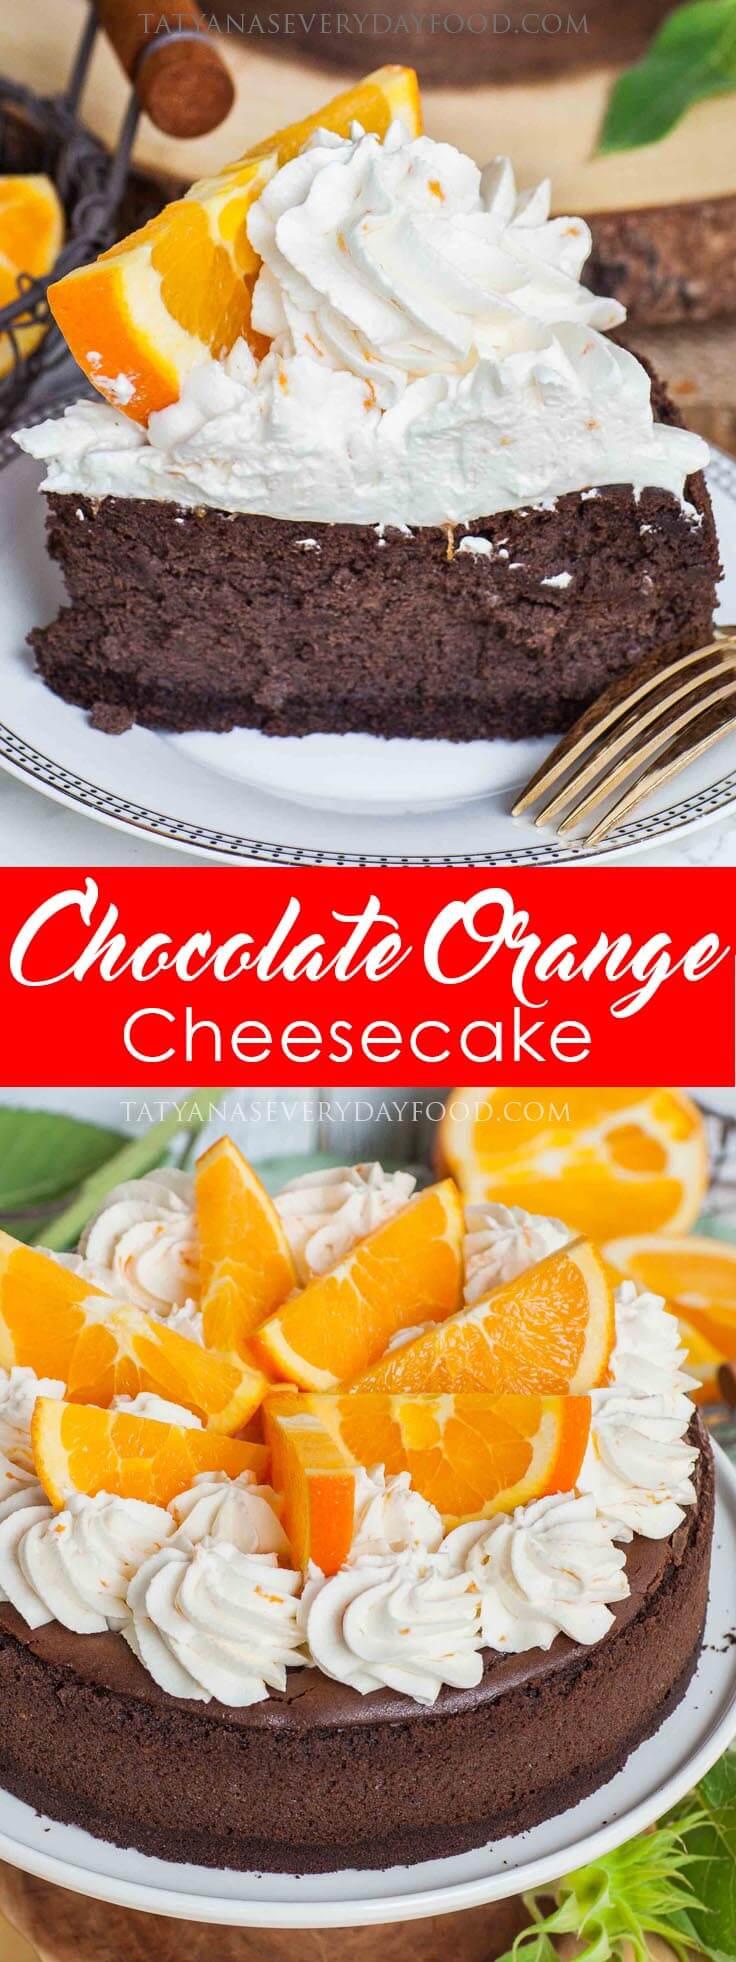 Chocolate Cheesecake video recipe